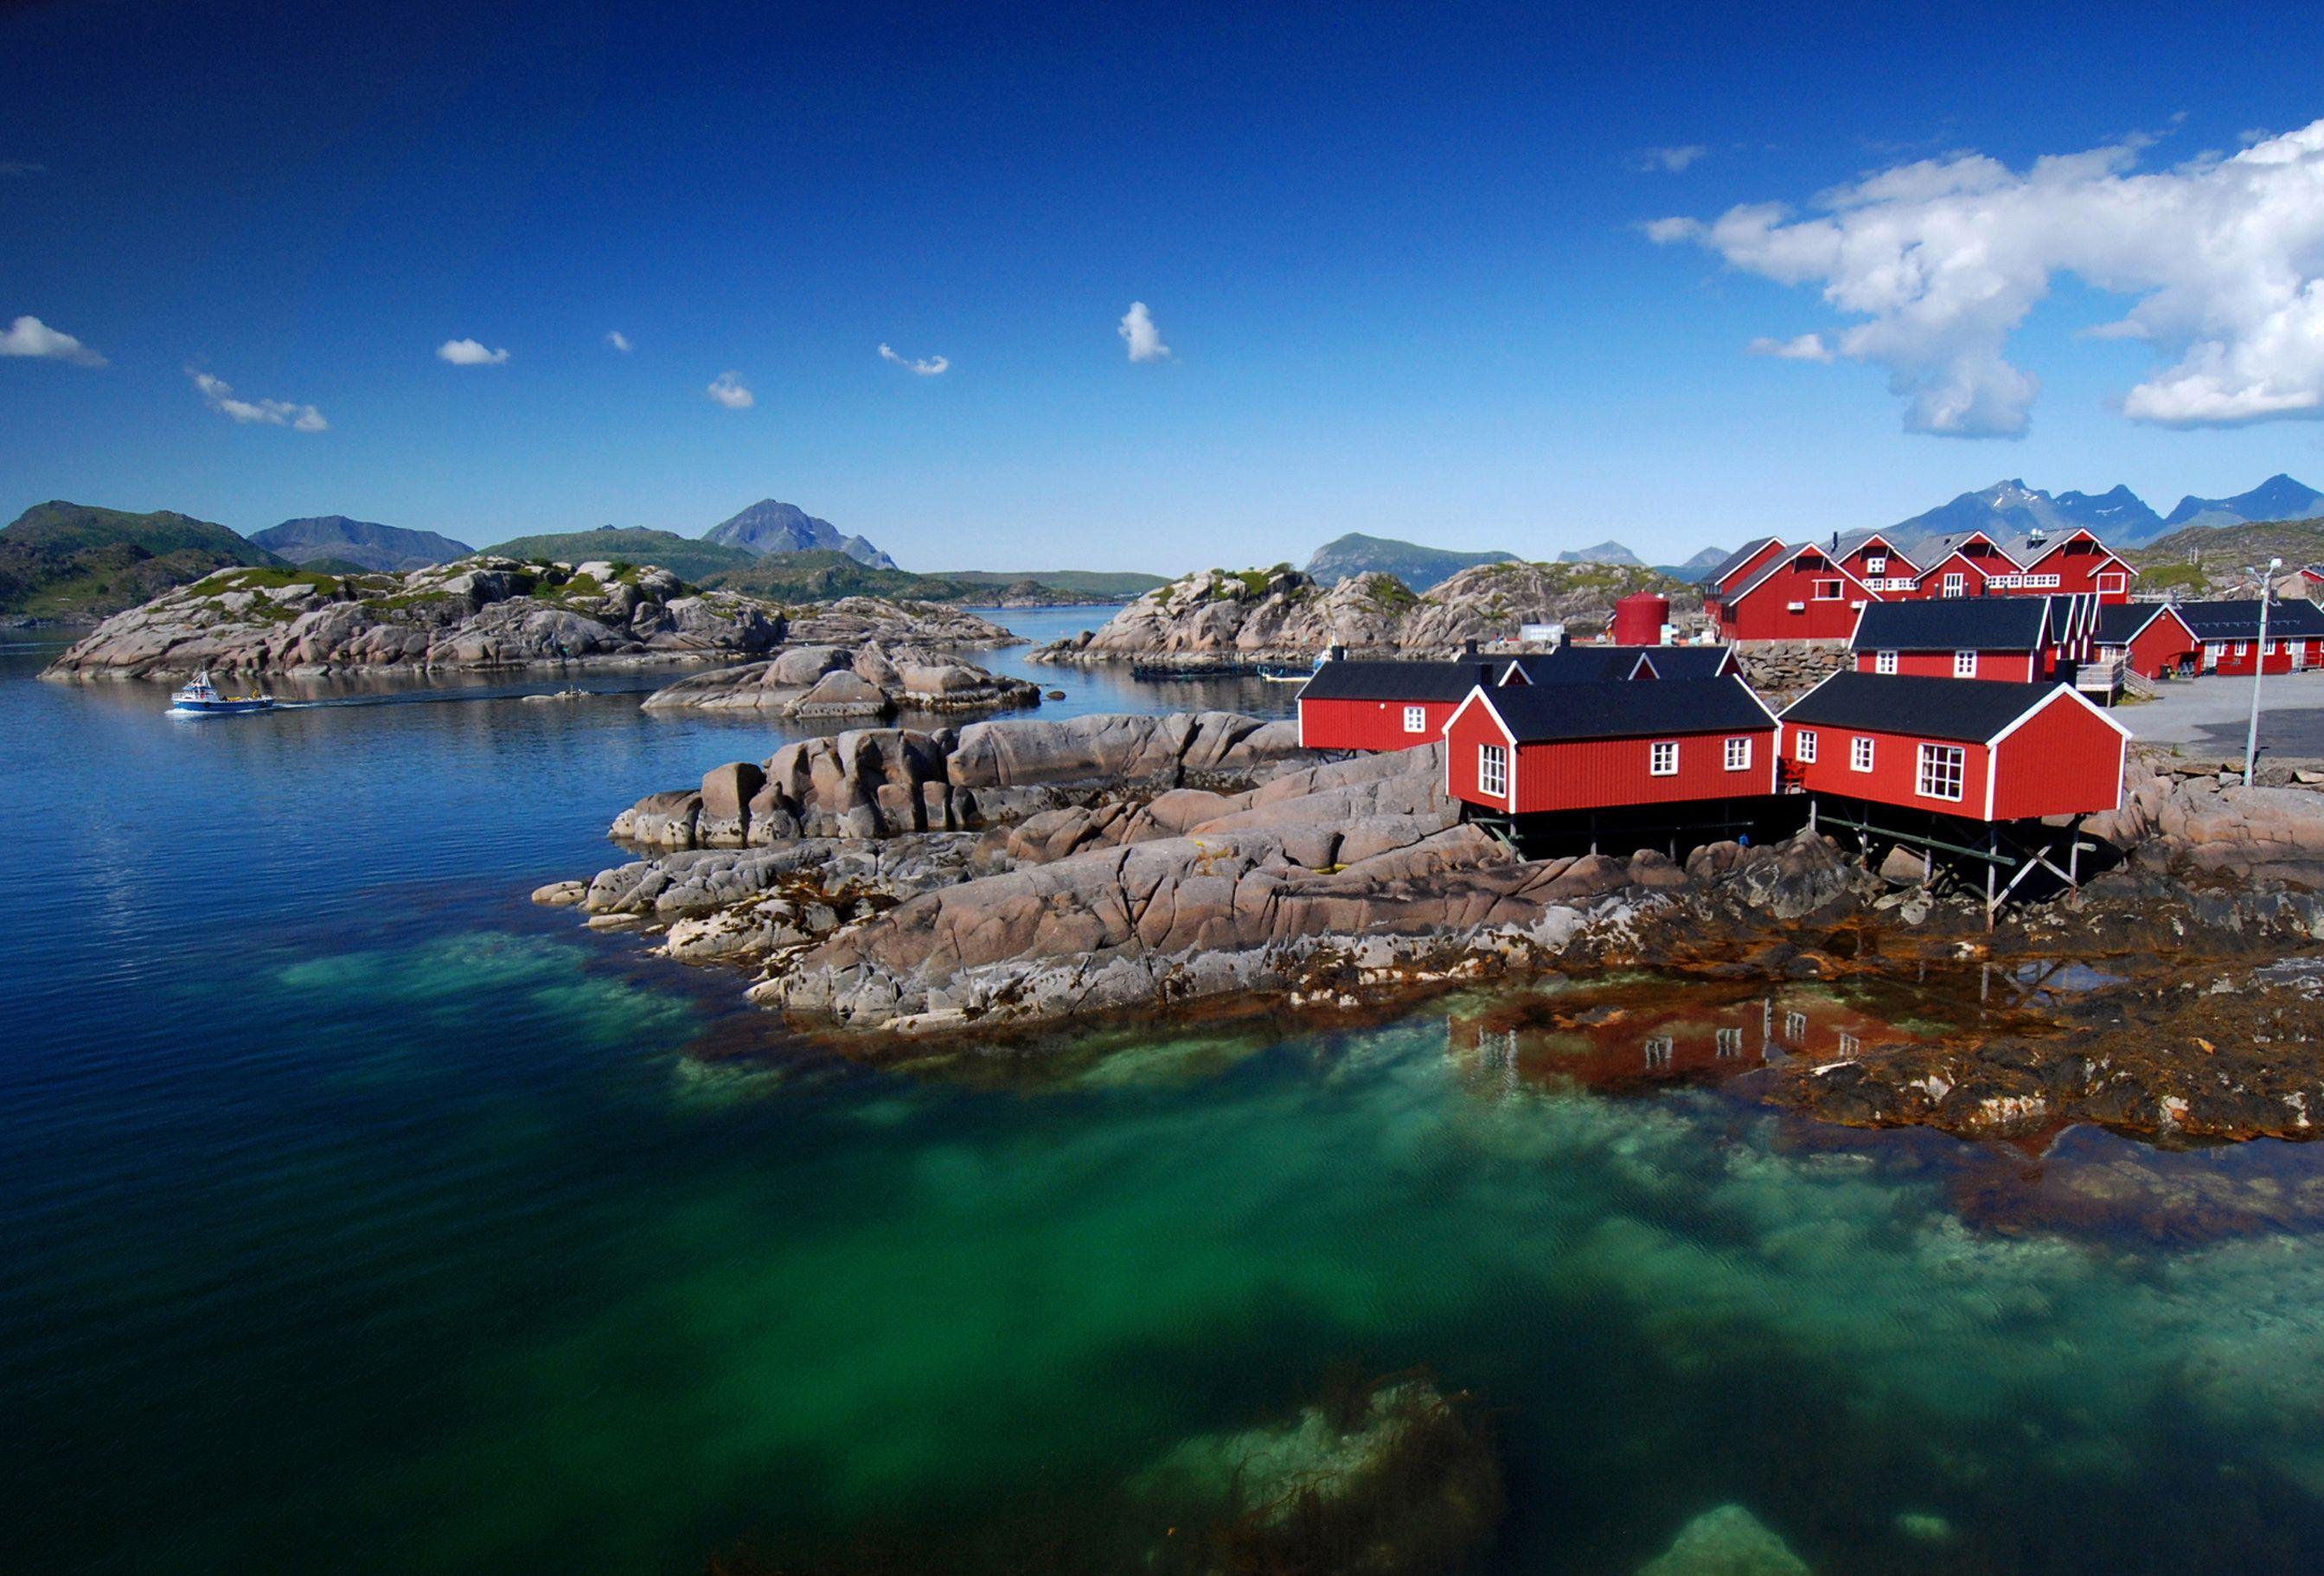 Scoprendo svolv r il capoluogo delle isole lofoten un for Agence paysage nord